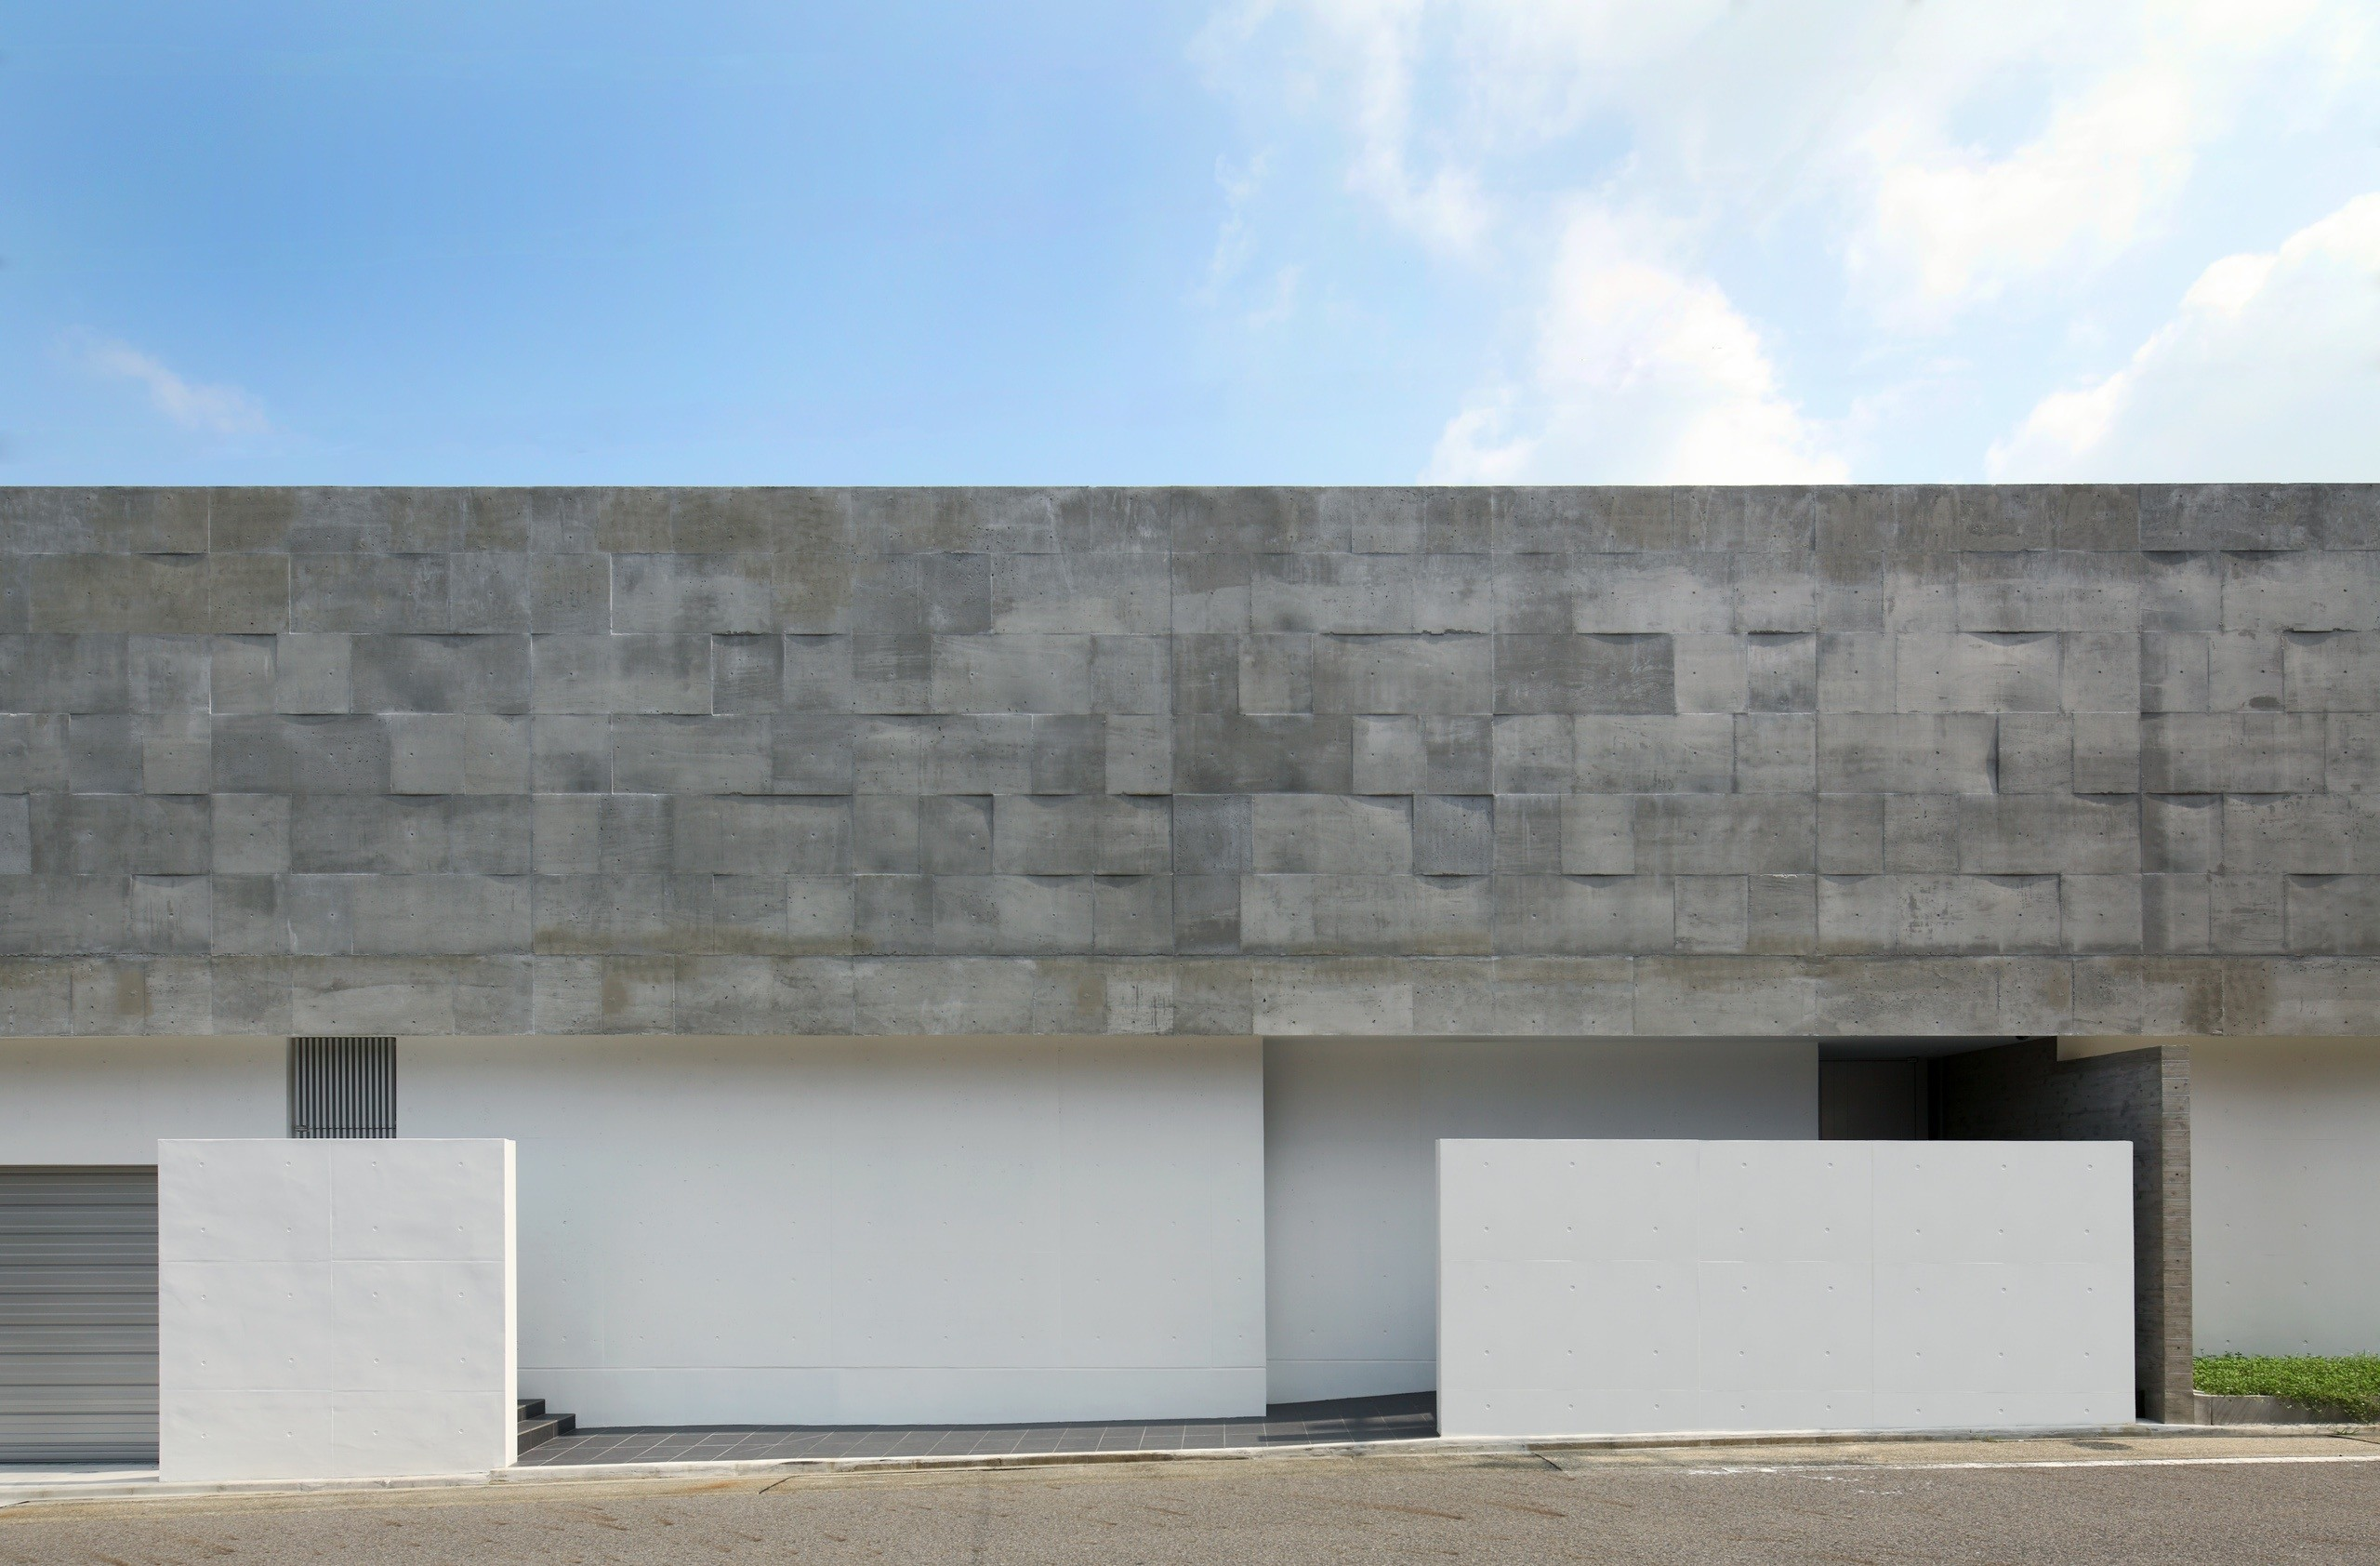 tender concreteの建築事例写真